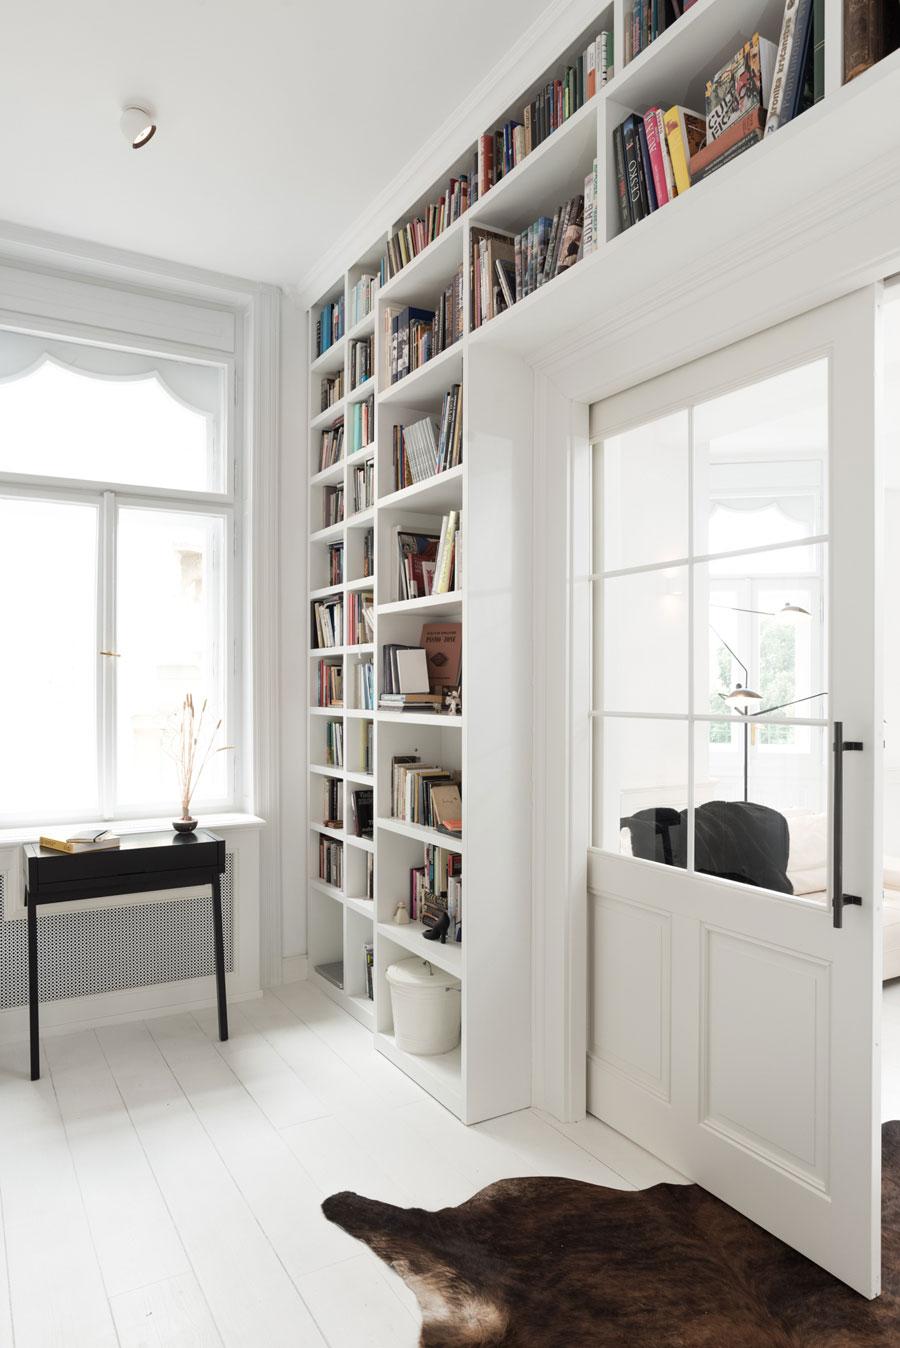 Boekenkast deur ombouw wit interieur